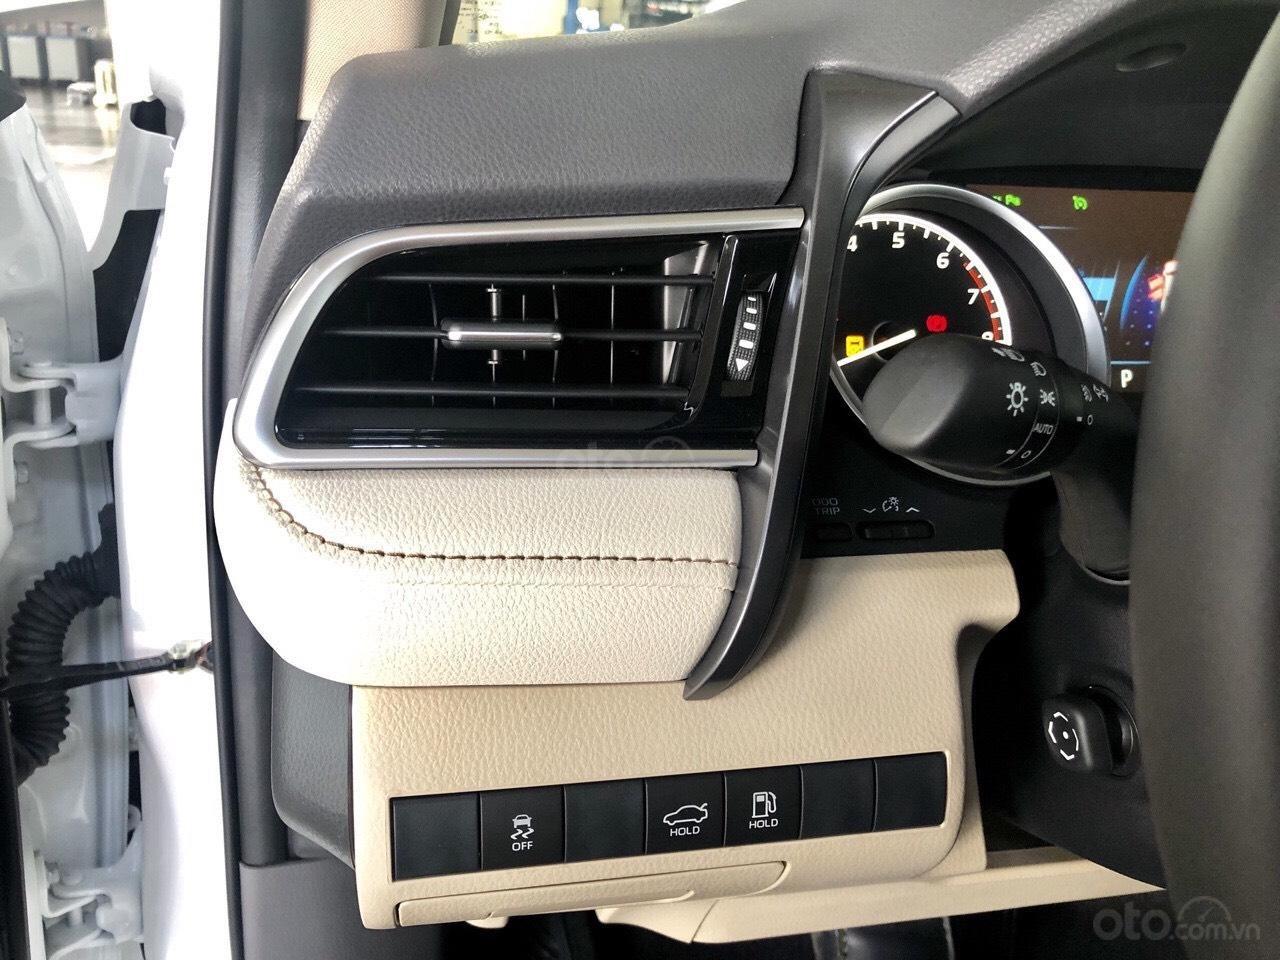 Bán xe Camry 2019 nhập Thái- đẳng cấp, sang trọng, thế hệ thông minh, nhận đặt xe từ bây giờ-4